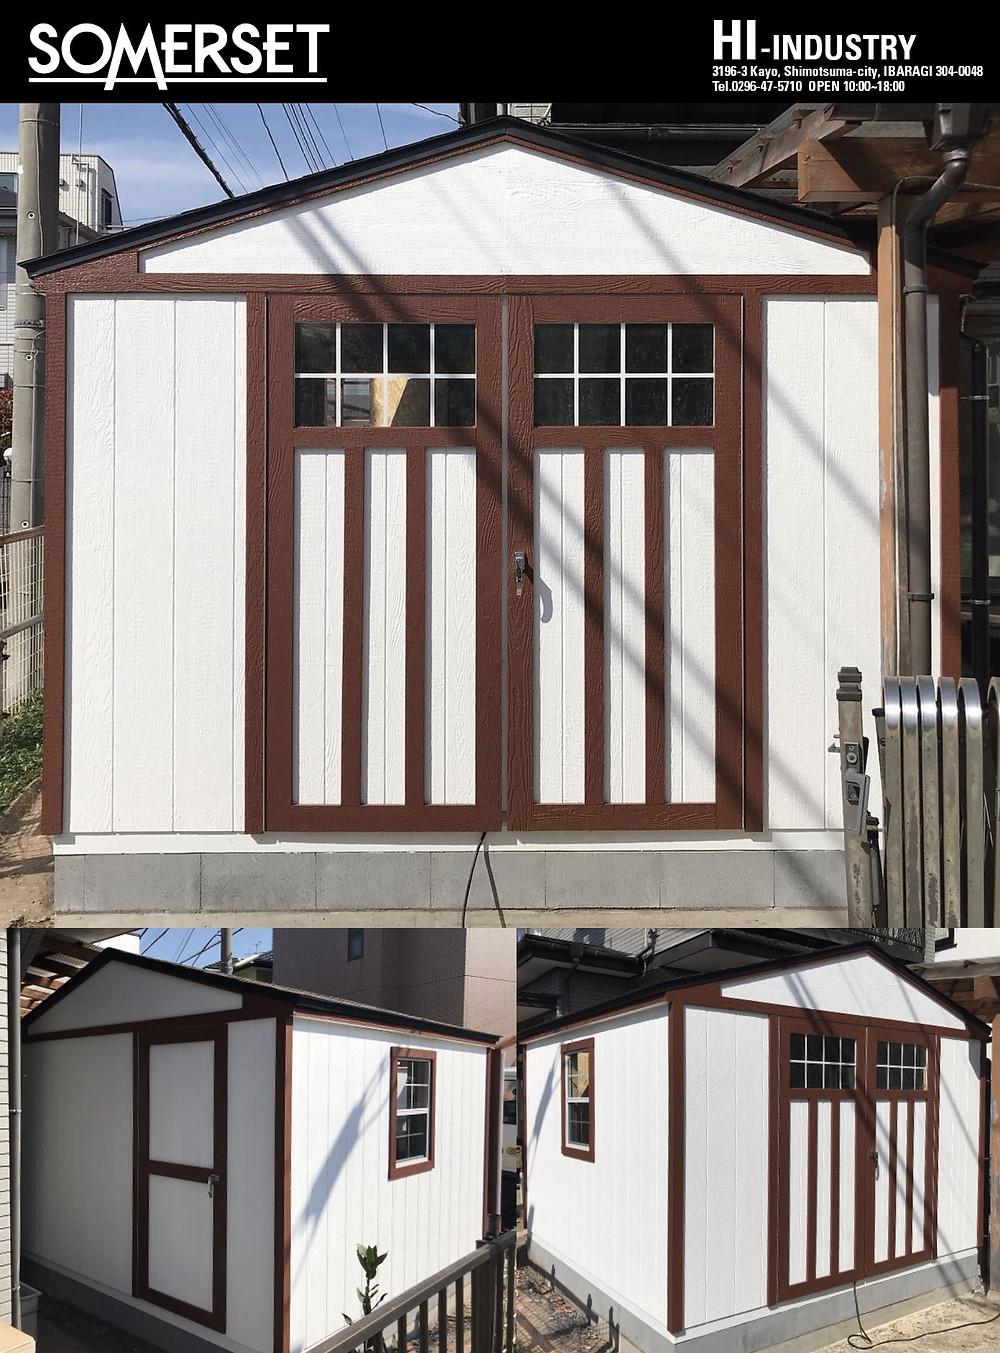 グリーンベルの大きい物置小屋として人気のサマーセットは、おしゃれな大型物置やガレージとしてガーデニング用具の収納、またはバイクガレージにぴったりな大きさです。